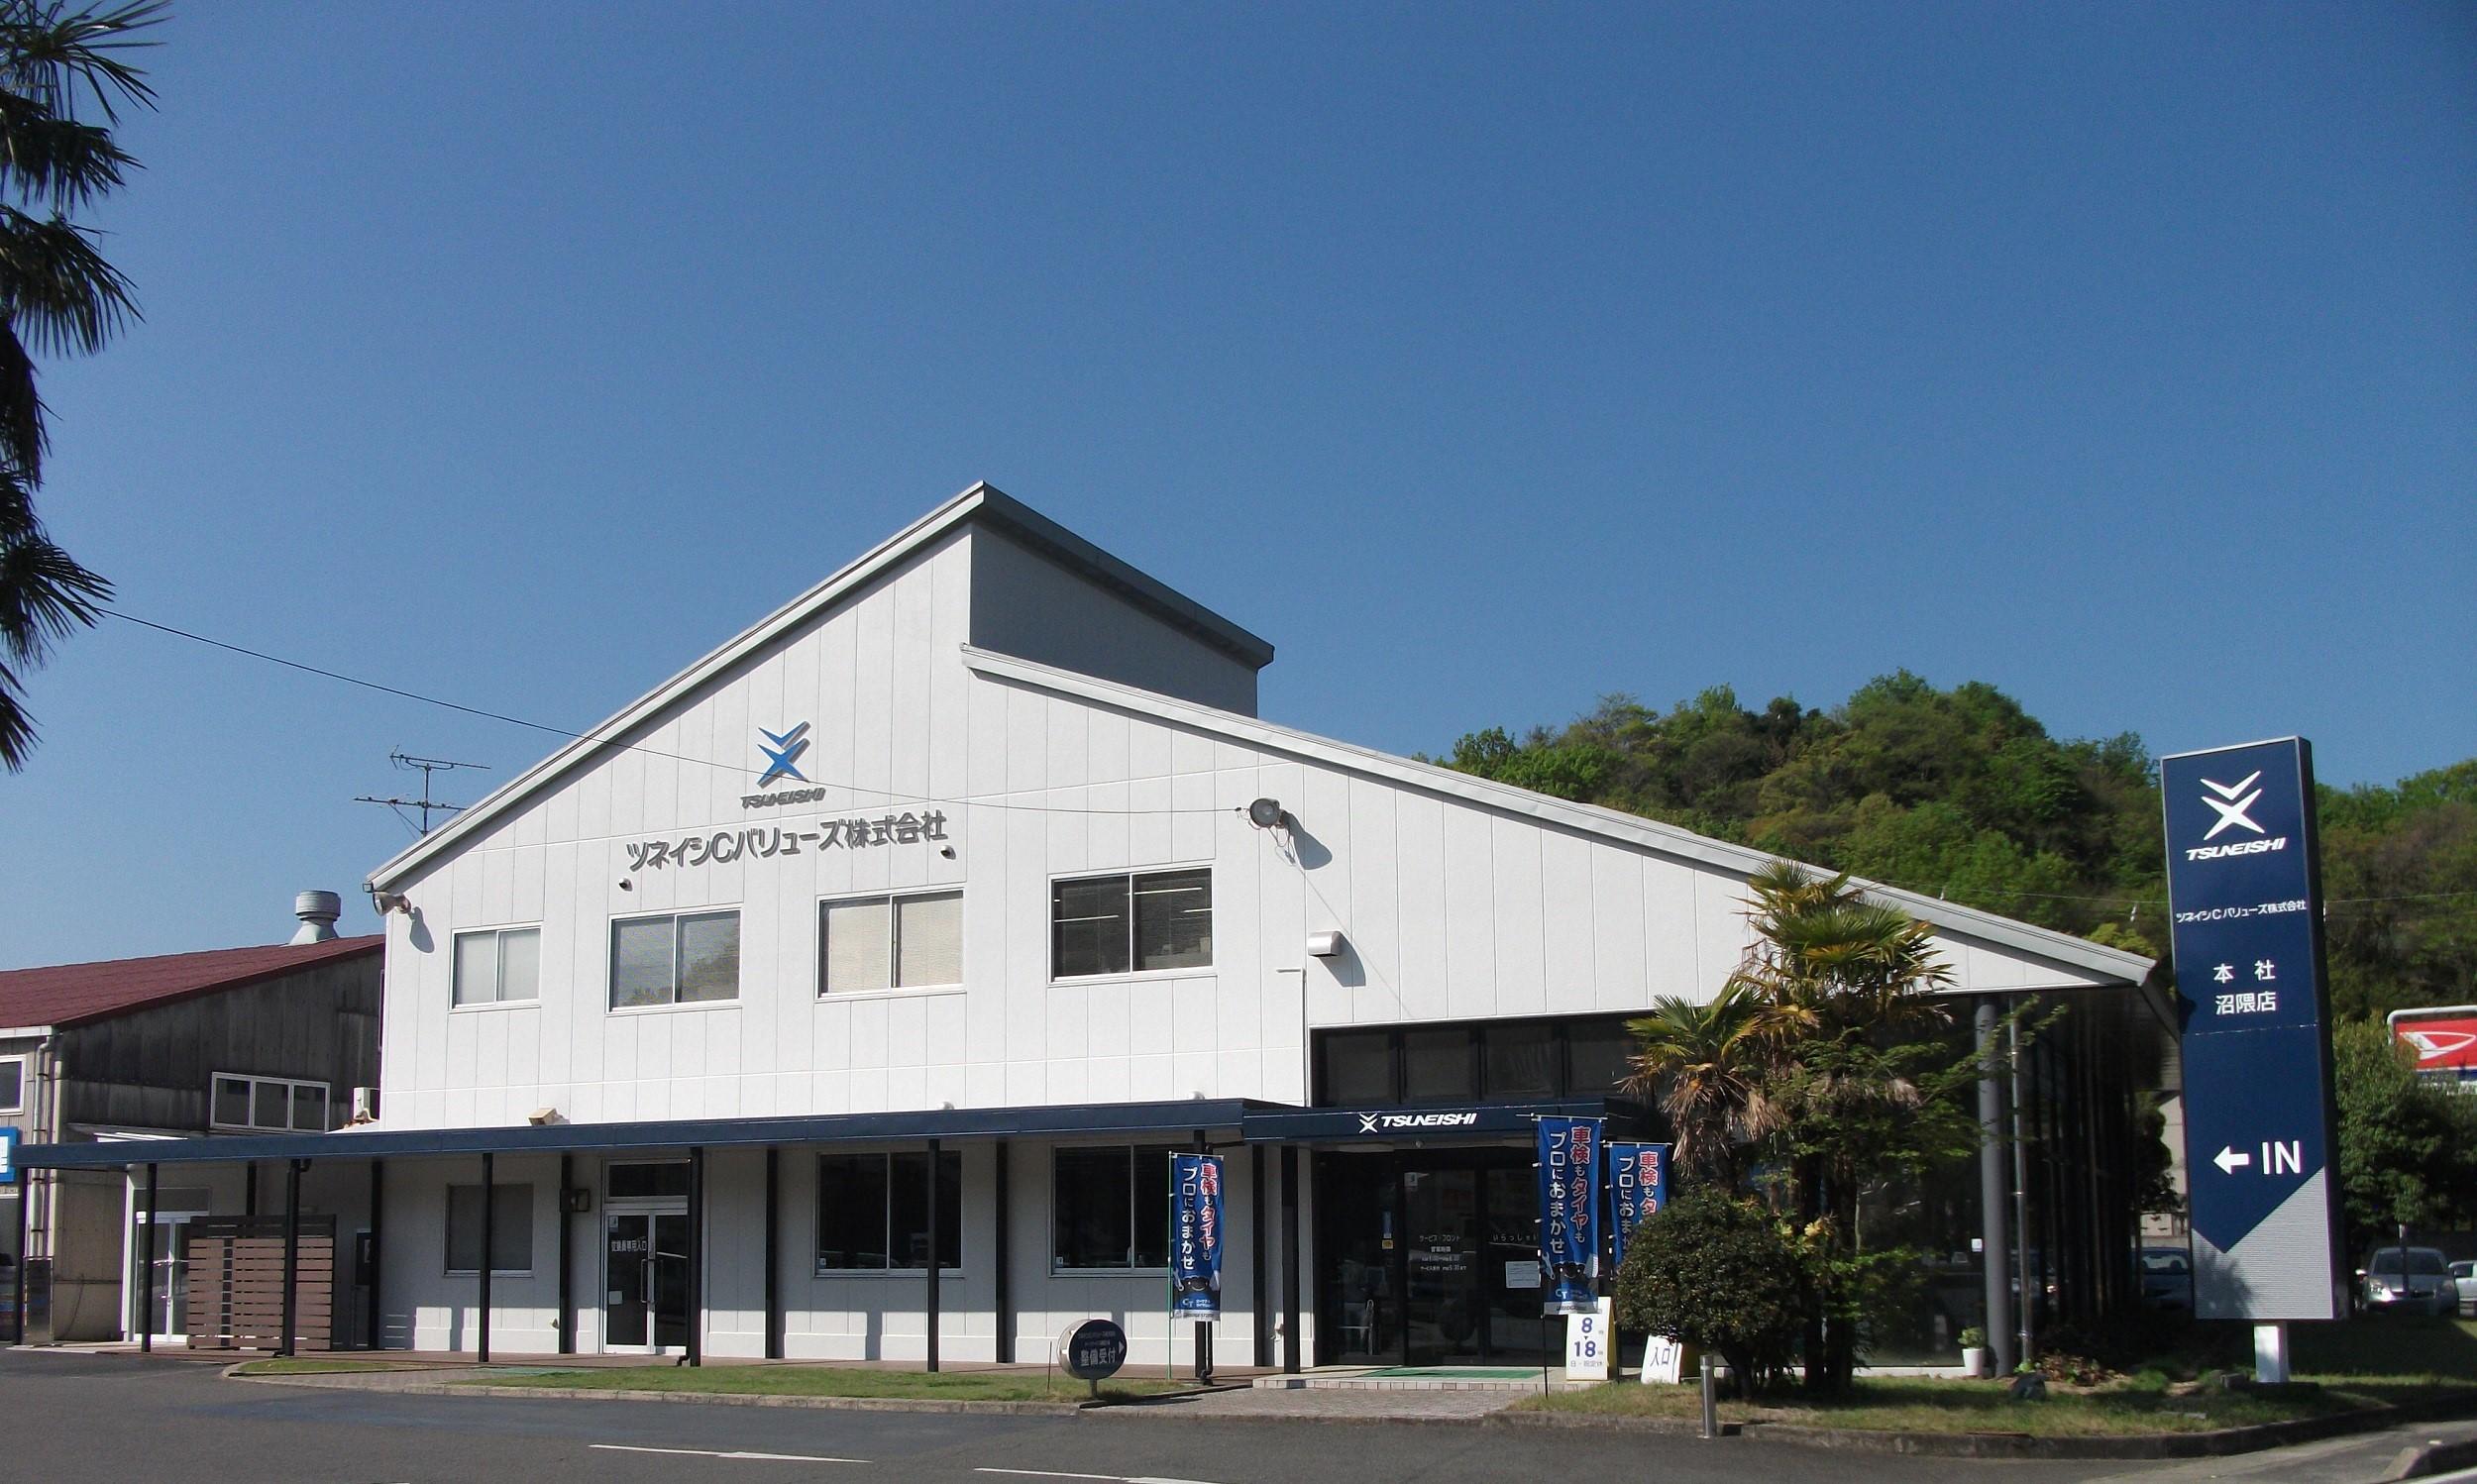 ツネイシCバリューズ 沼隈店・福山店 ゴールデンウィーク期間の営業に関するお知らせ